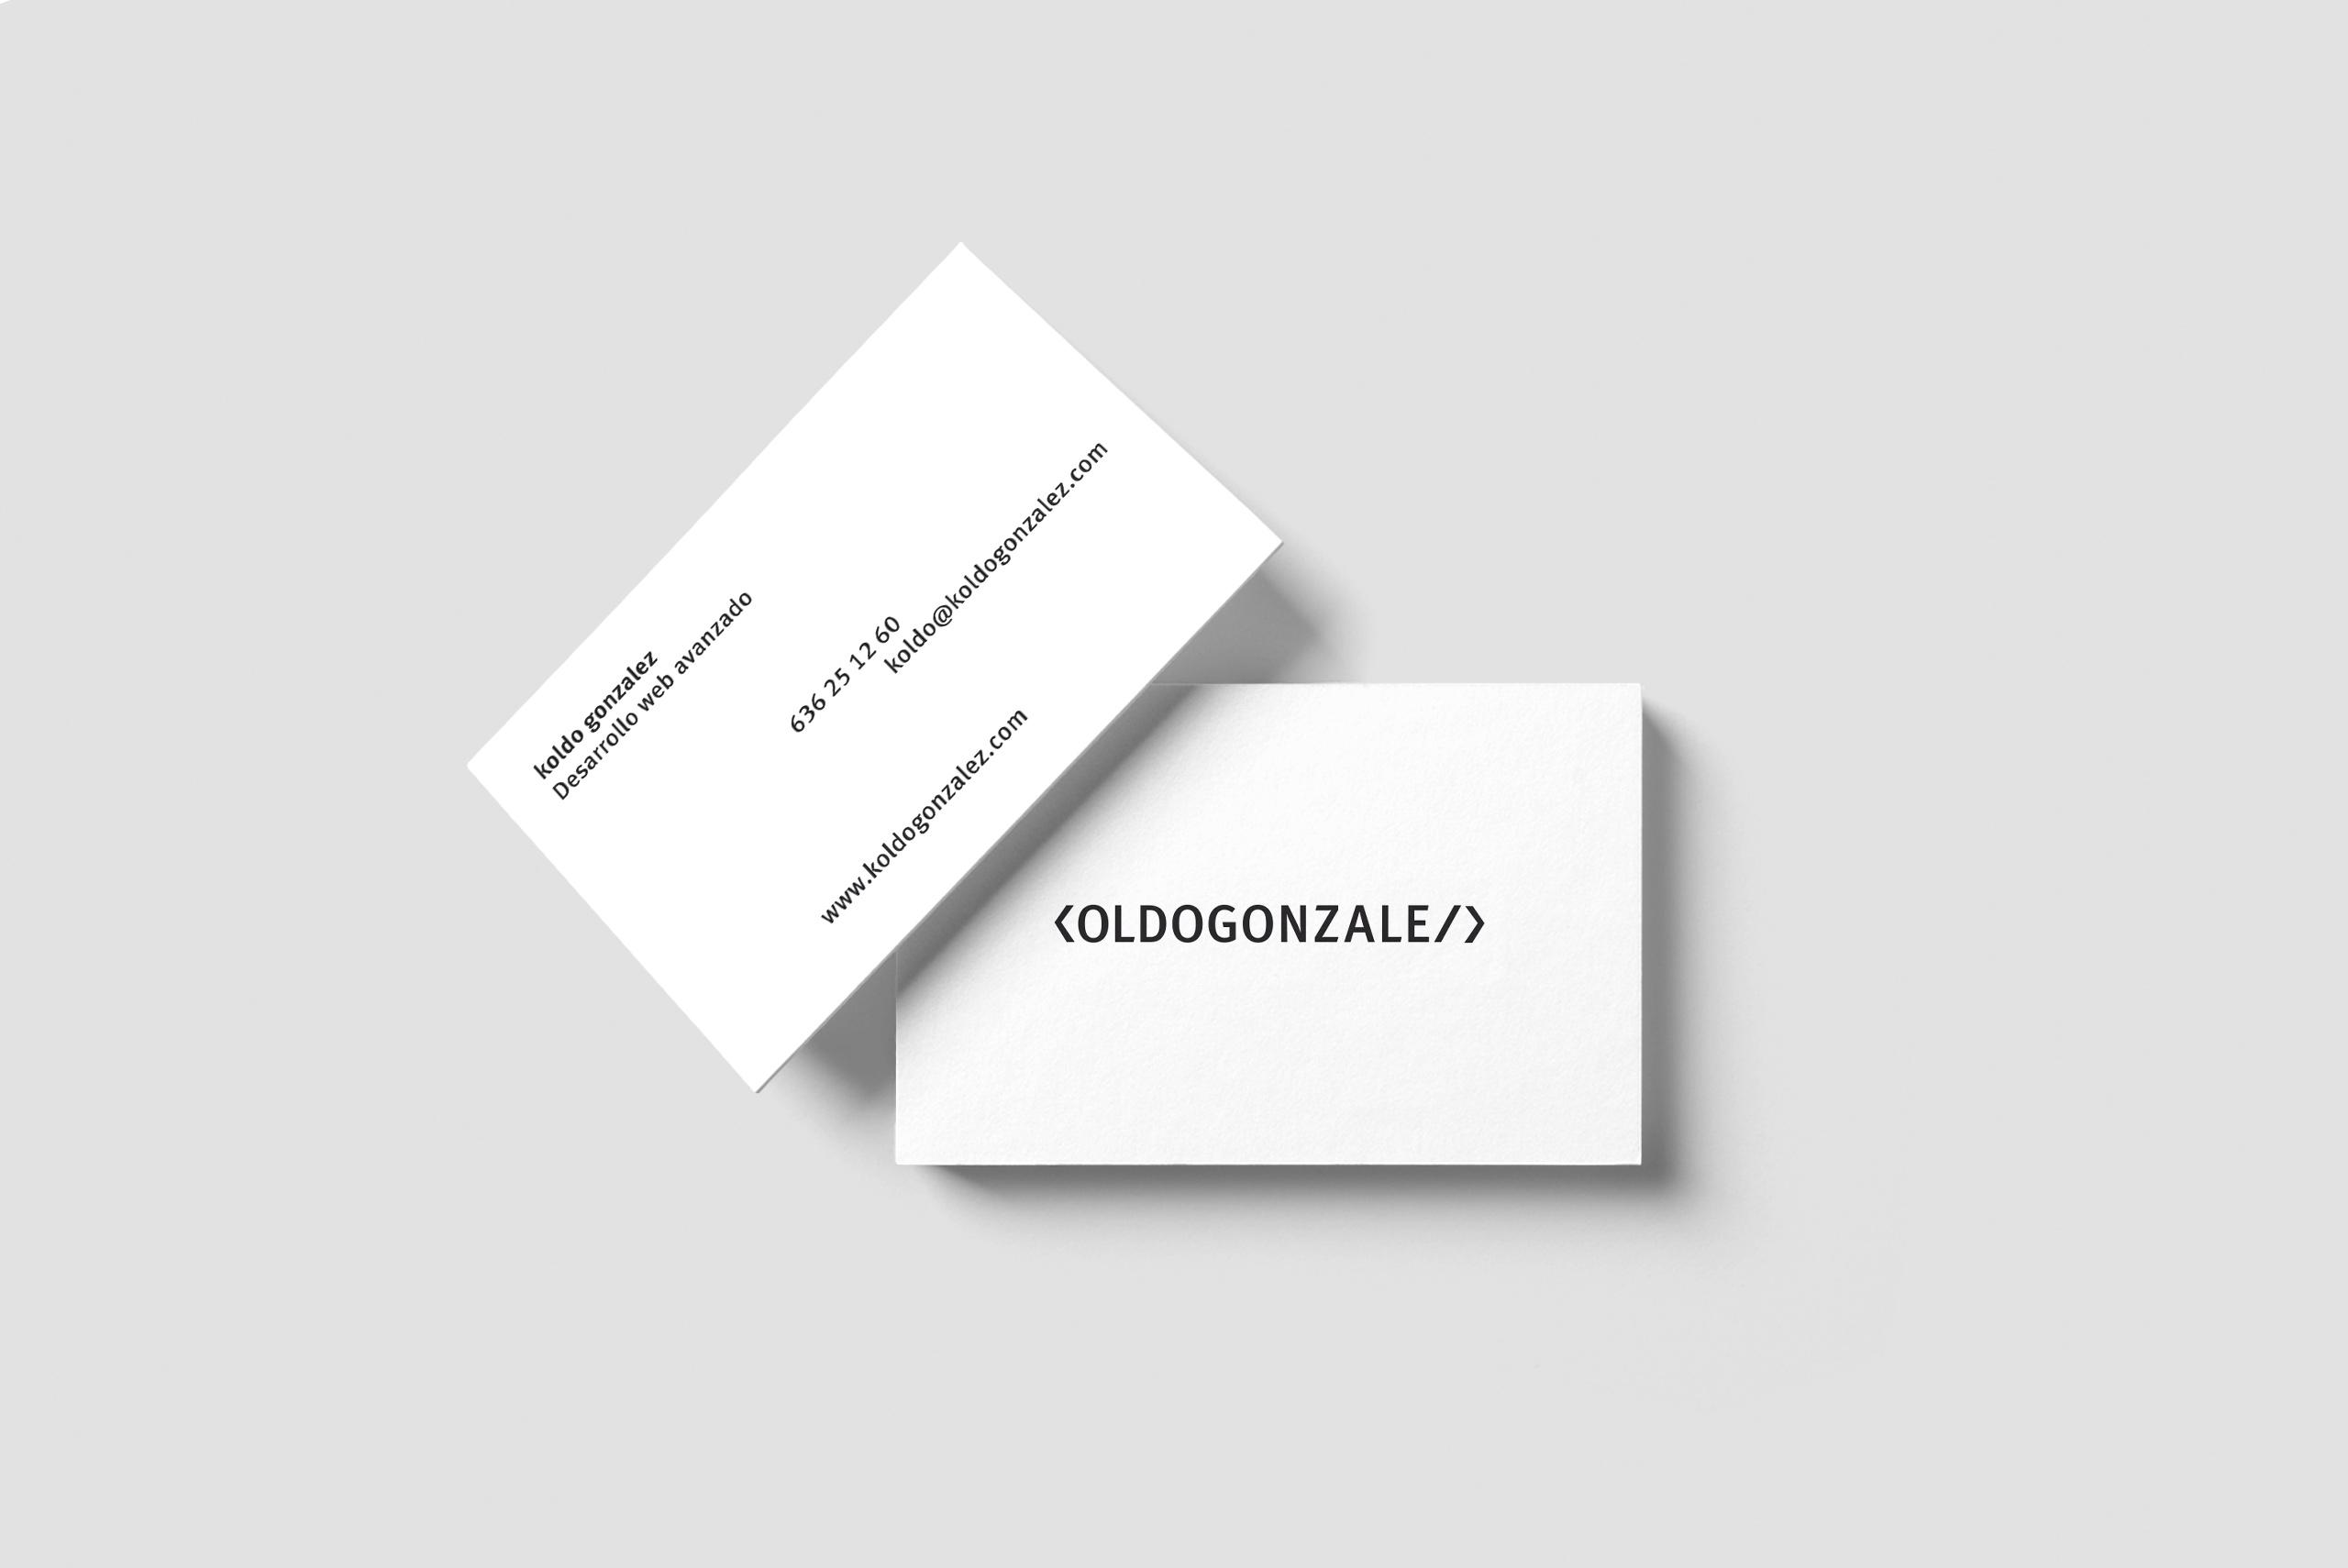 marinagoni-koldogonzalez-card